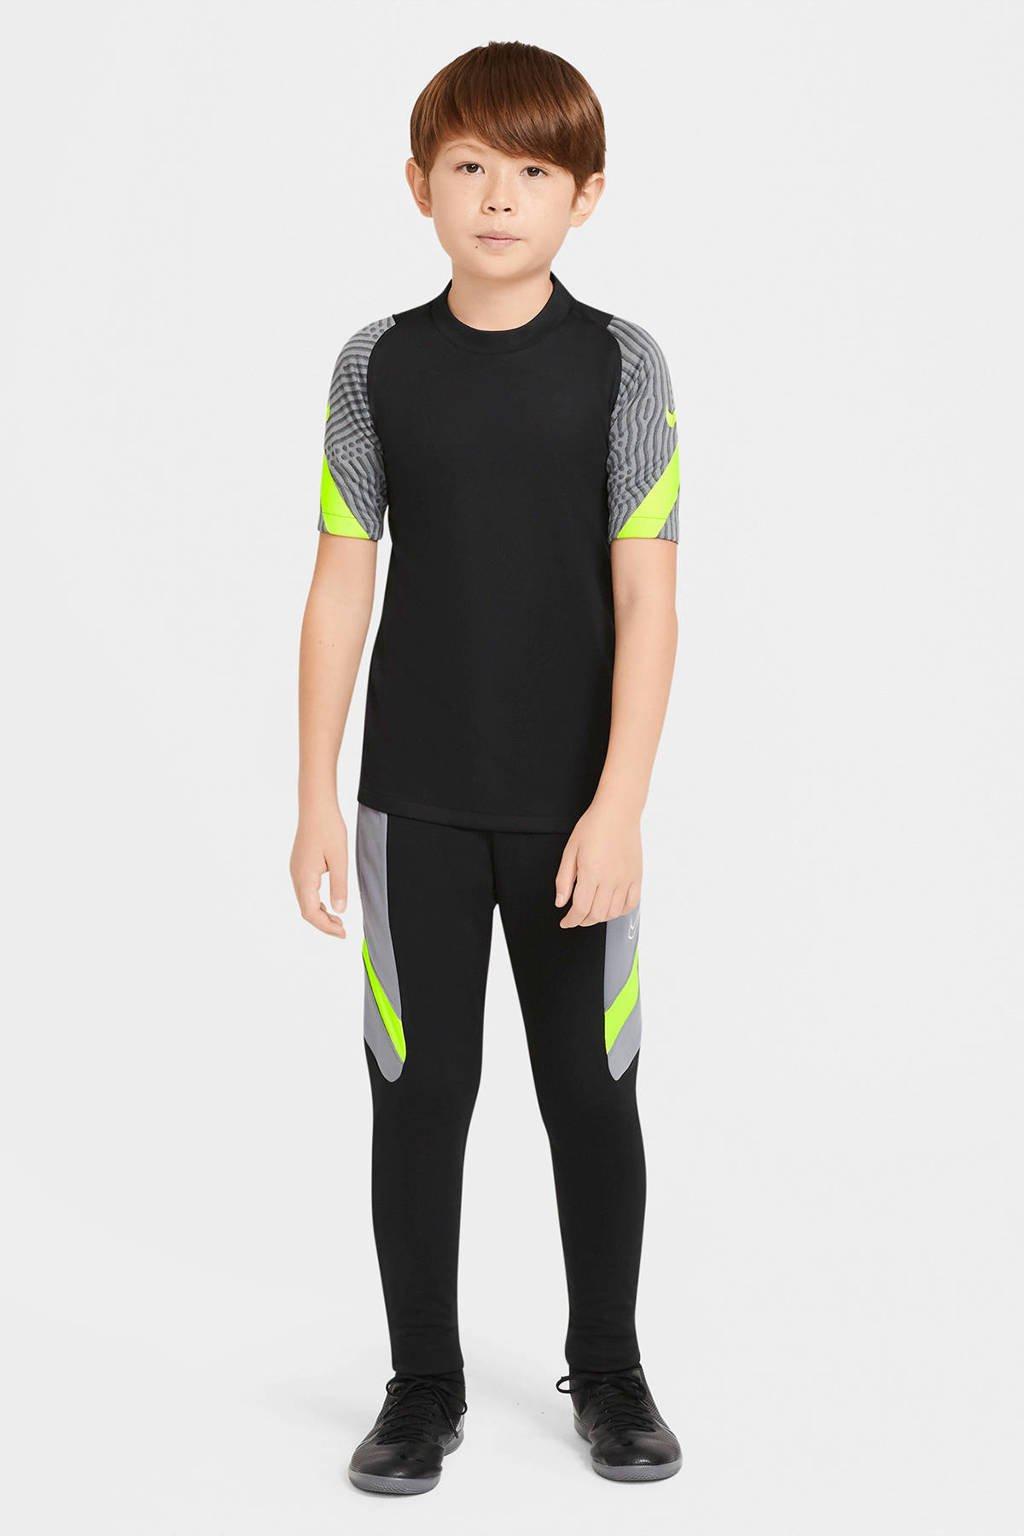 Nike   Voetbalshirt grijs/zwart, Grijs/zwart